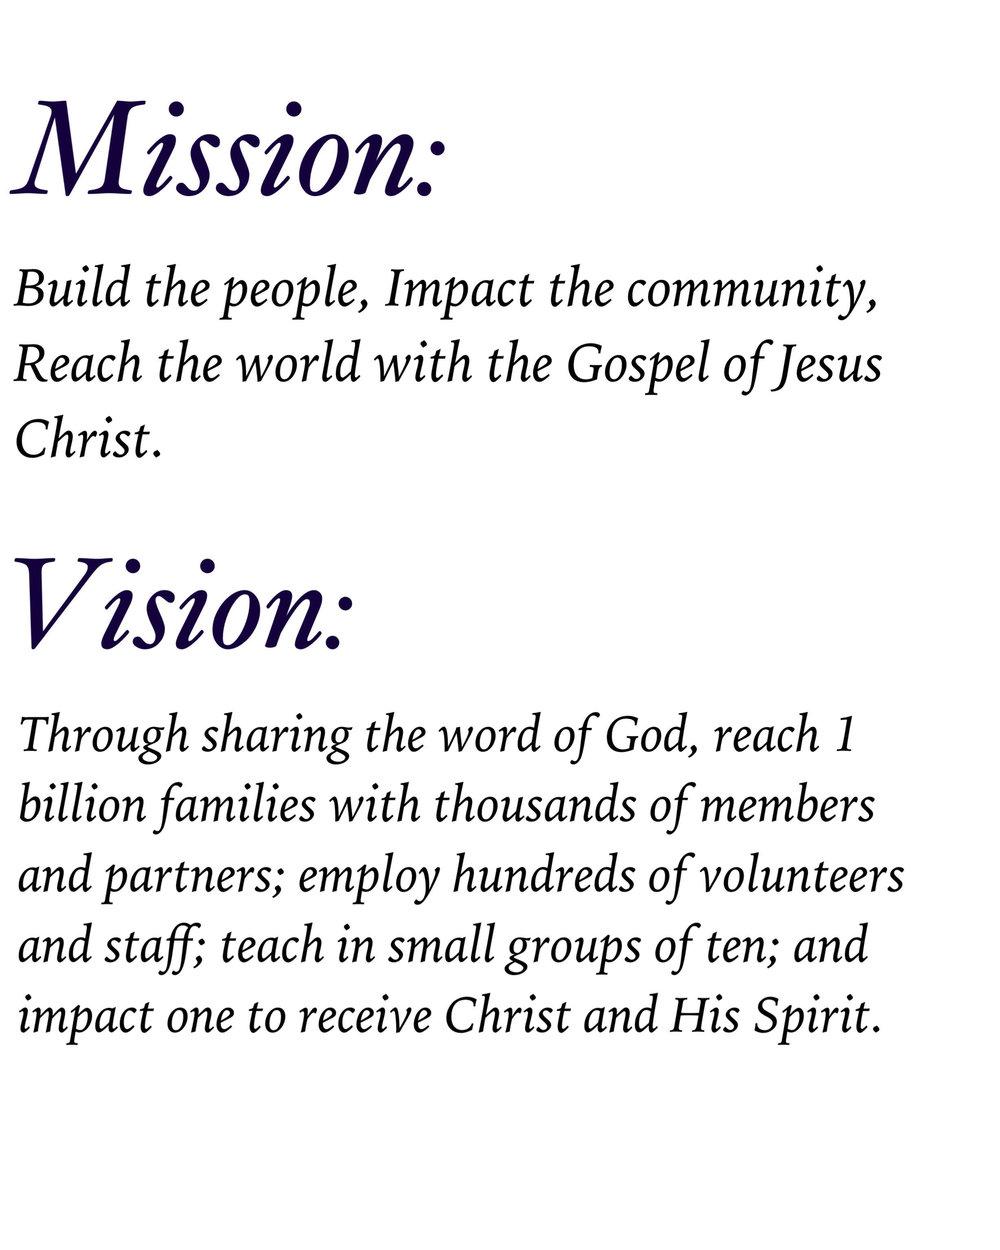 mission:vission.jpg